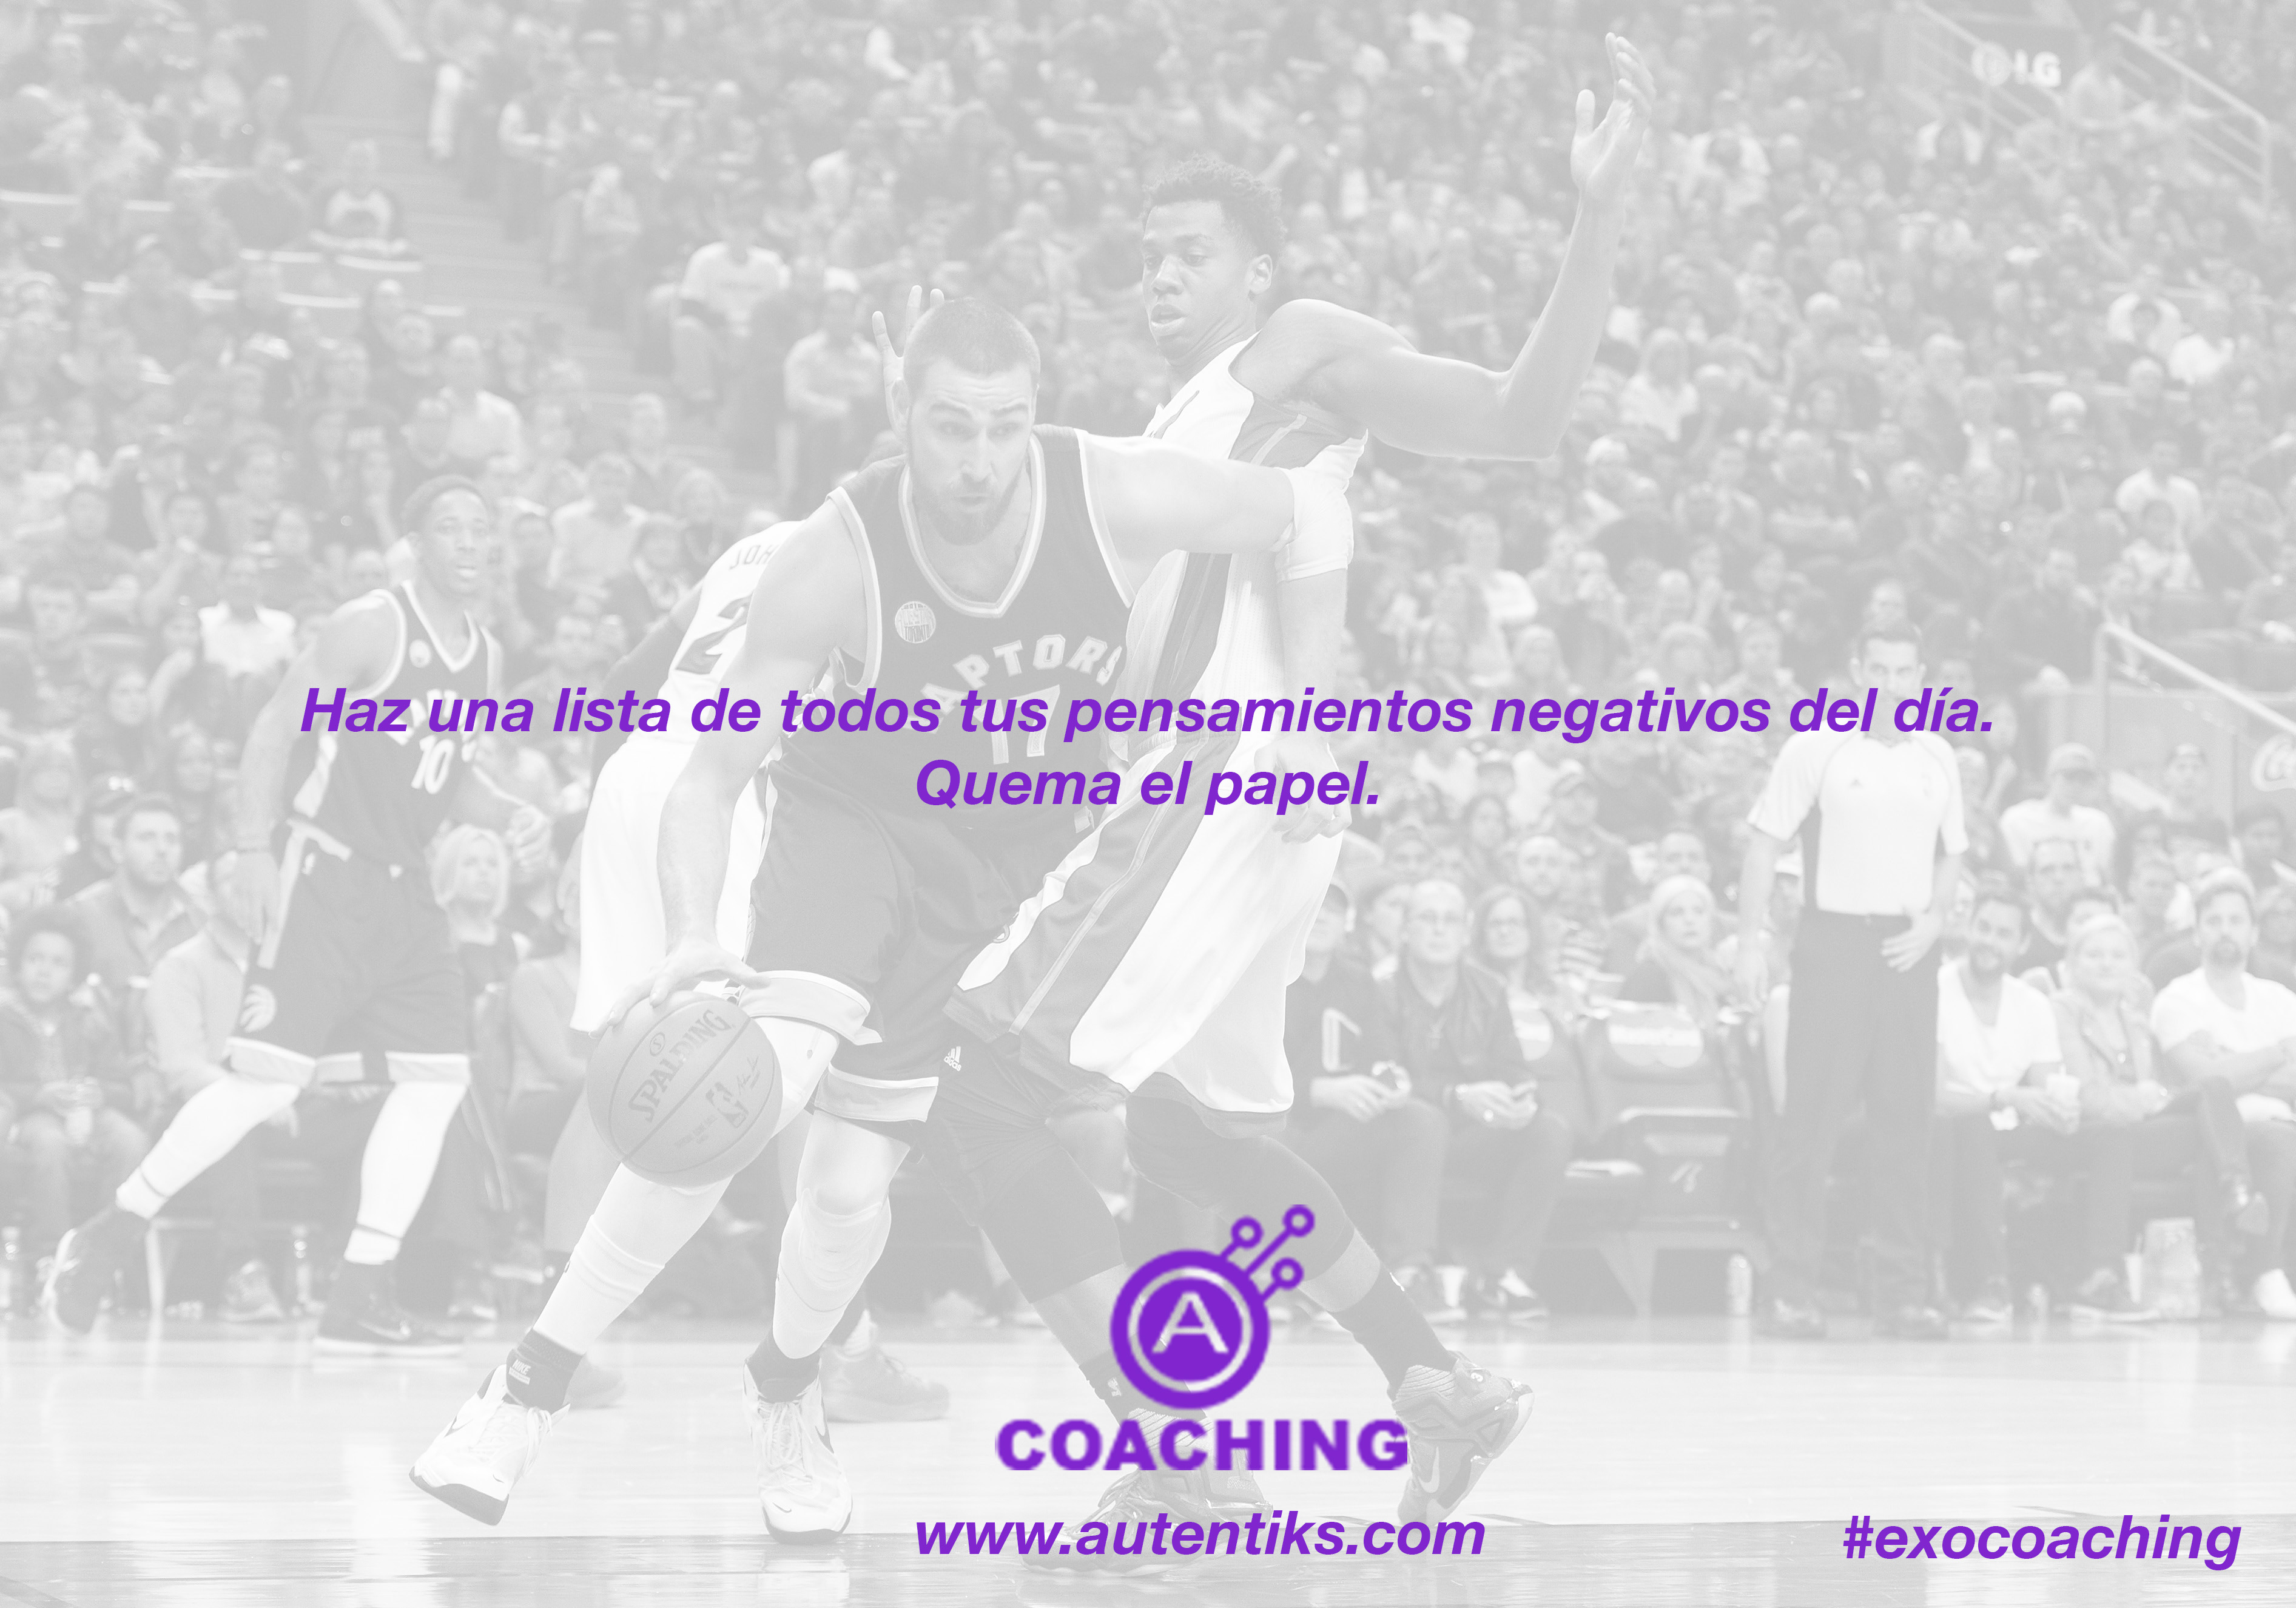 Semana 17 – Ejercicio de Coaching